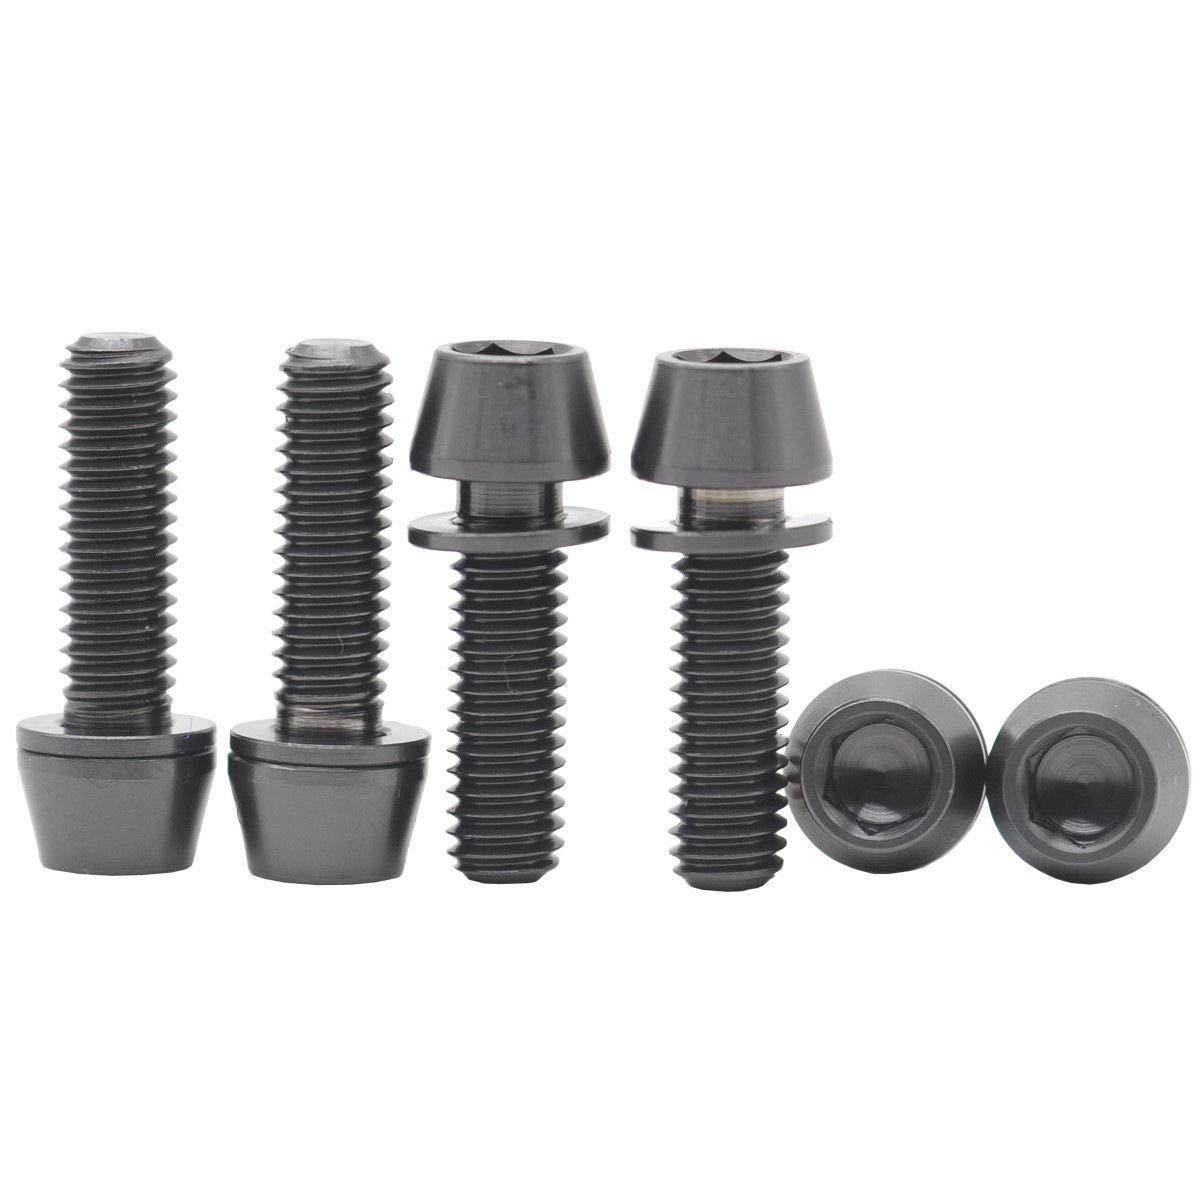 FidgetFidget Bolts Titanium Cone Taper Washer 6X M6X20 Black